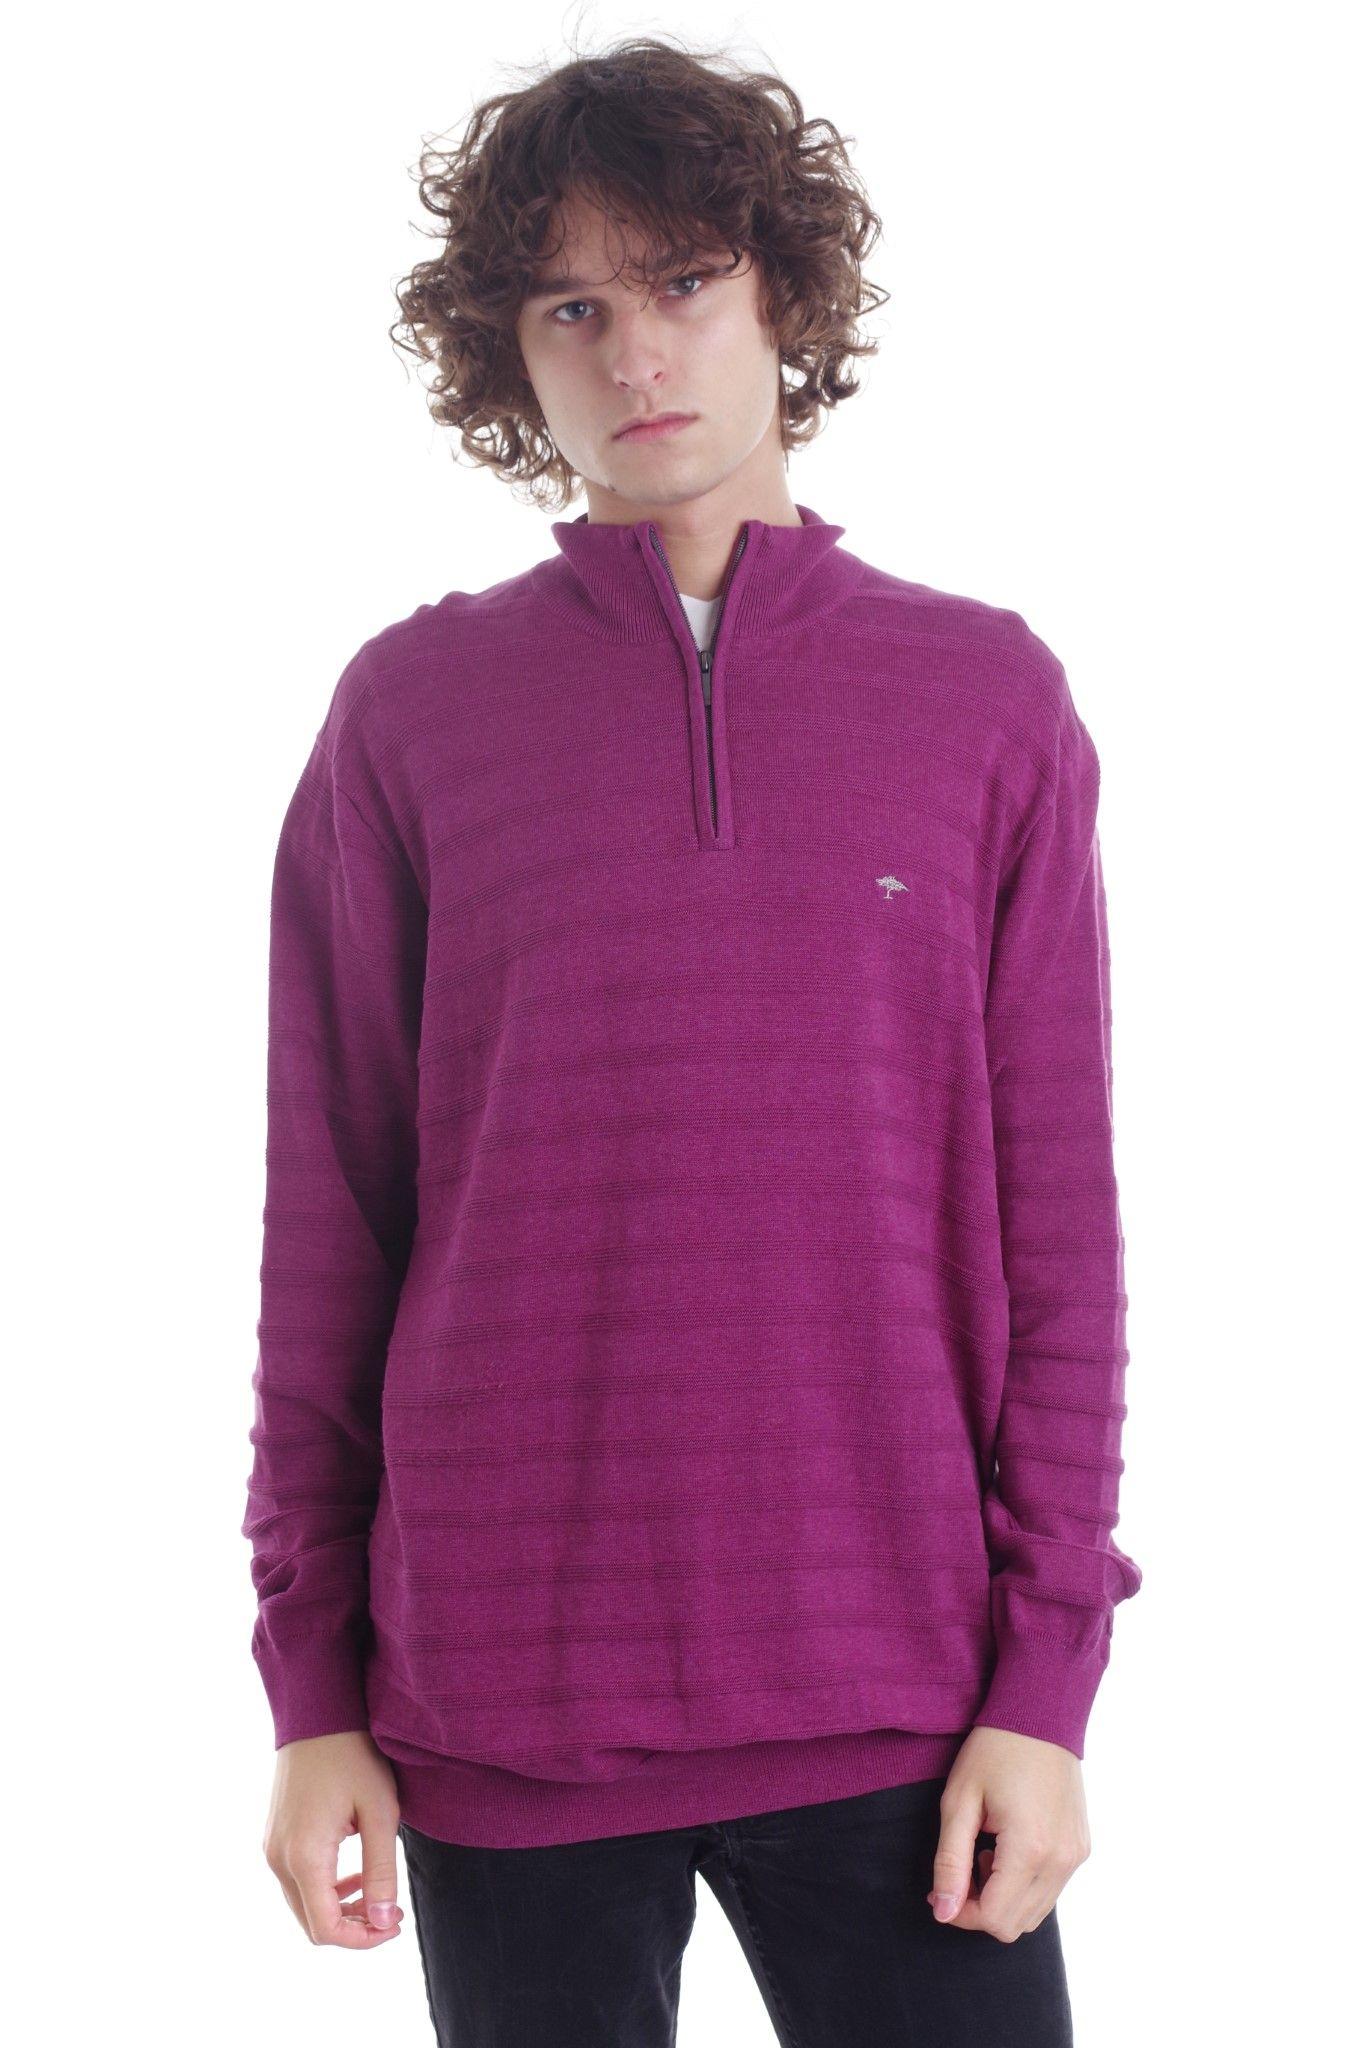 Casualowa bluza marki Fynch - Hattol w kolorze fioletowym - KEX Vintage Store | JestemSlow.pl